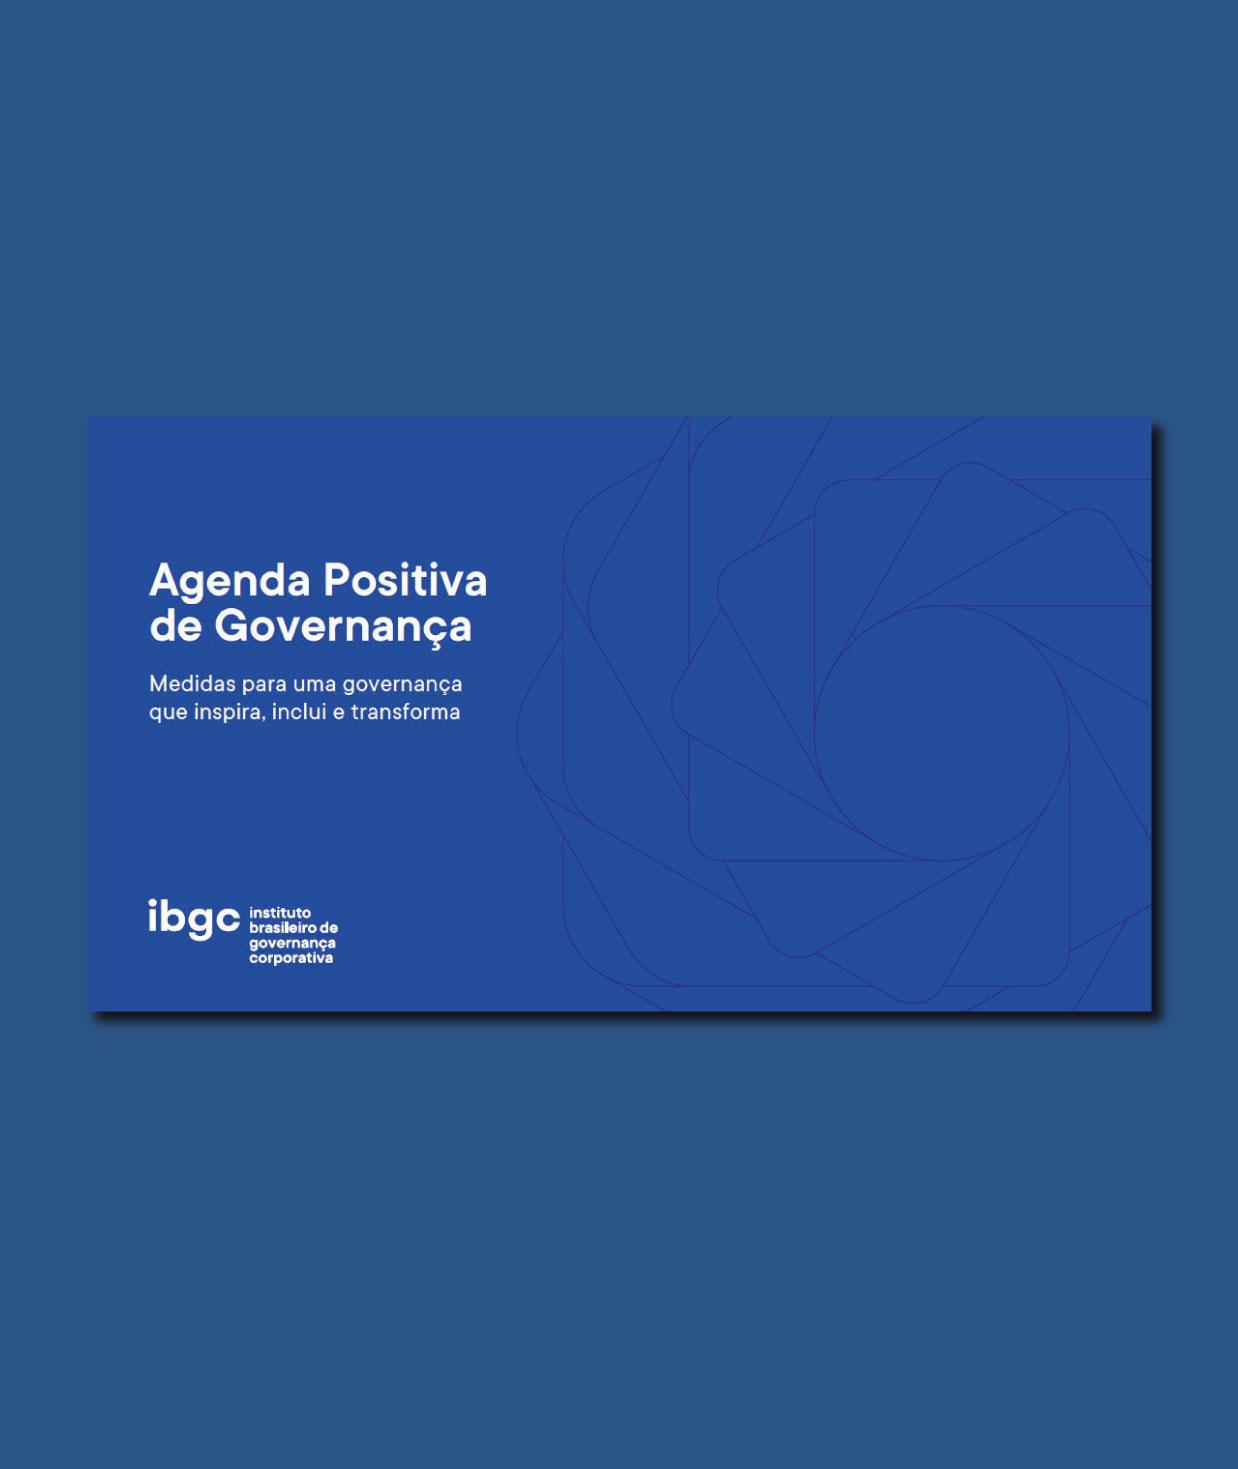 https://ancd.org.br/wp-content/uploads/2021/03/Agenda_positiva.jpg